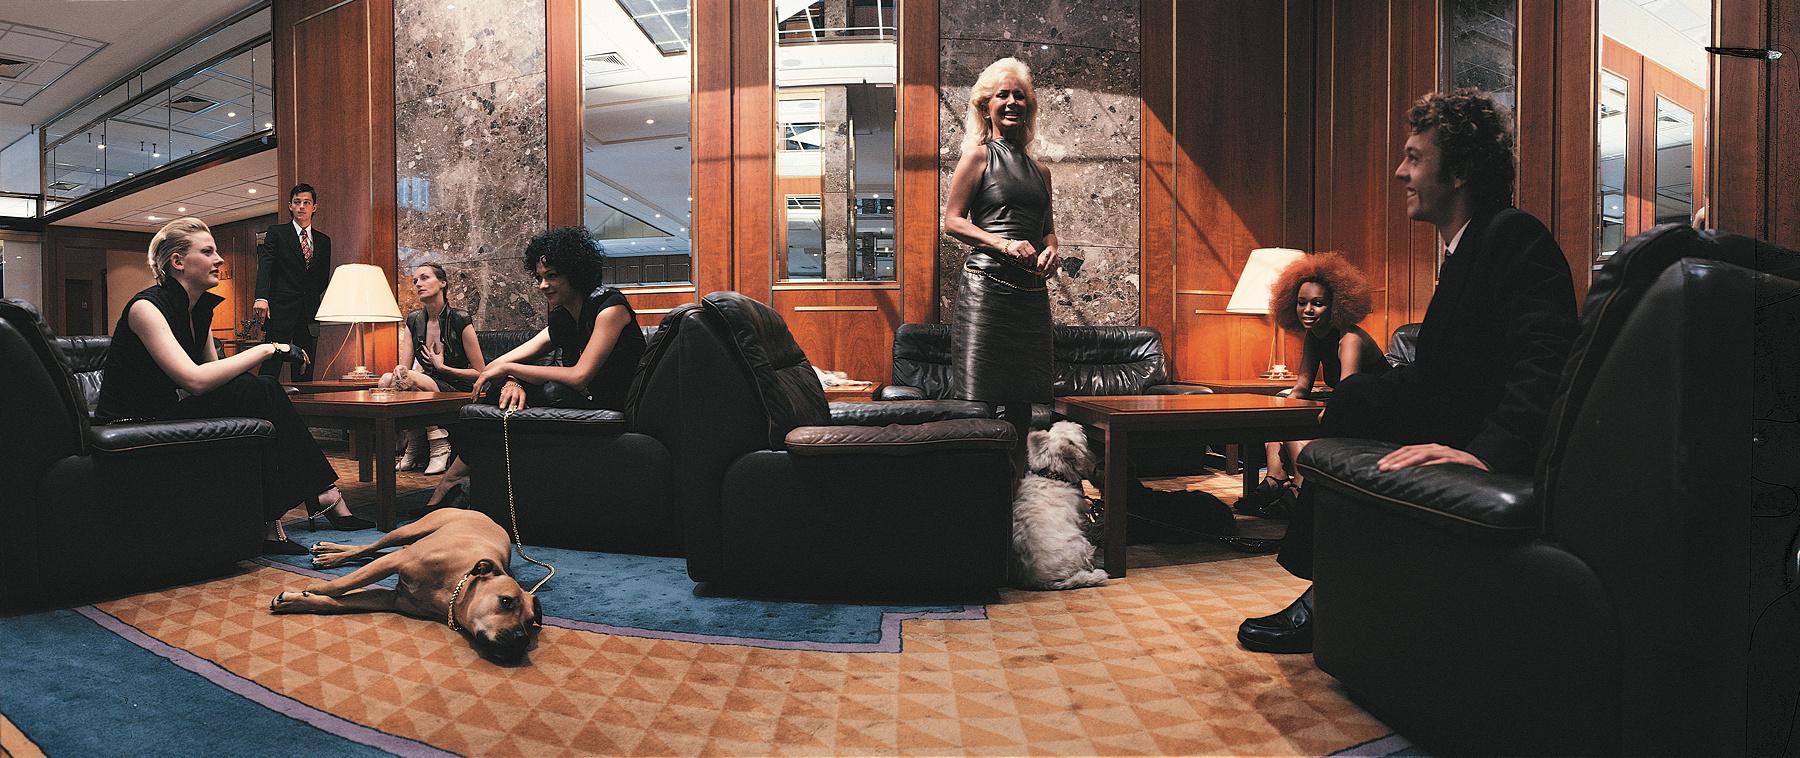 HOTEL  -  Fashion